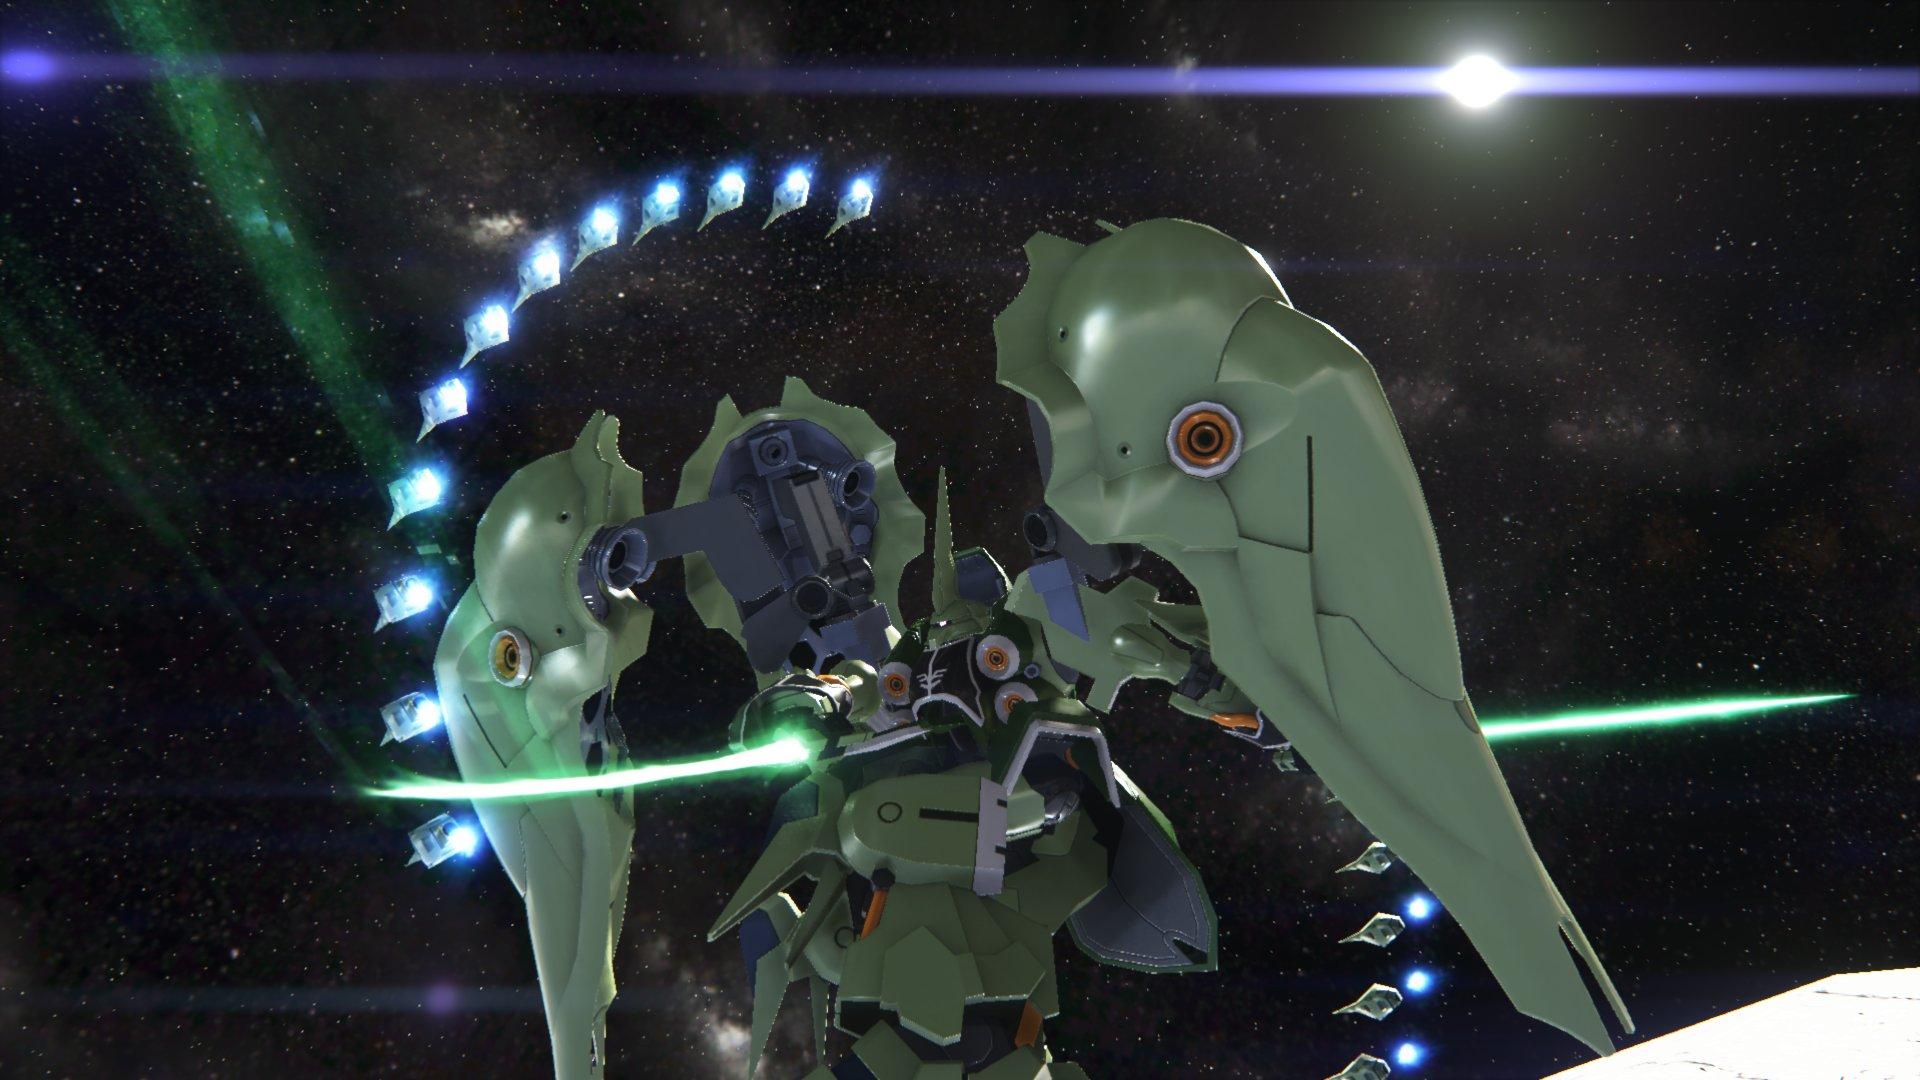 画像集 001 ガンダムブレイカー3 発売日が3月3日に決定 初回特典は Hgガンダムバルバトス 第4形態 先行入手コードと U C カードビルダー のプロモカード